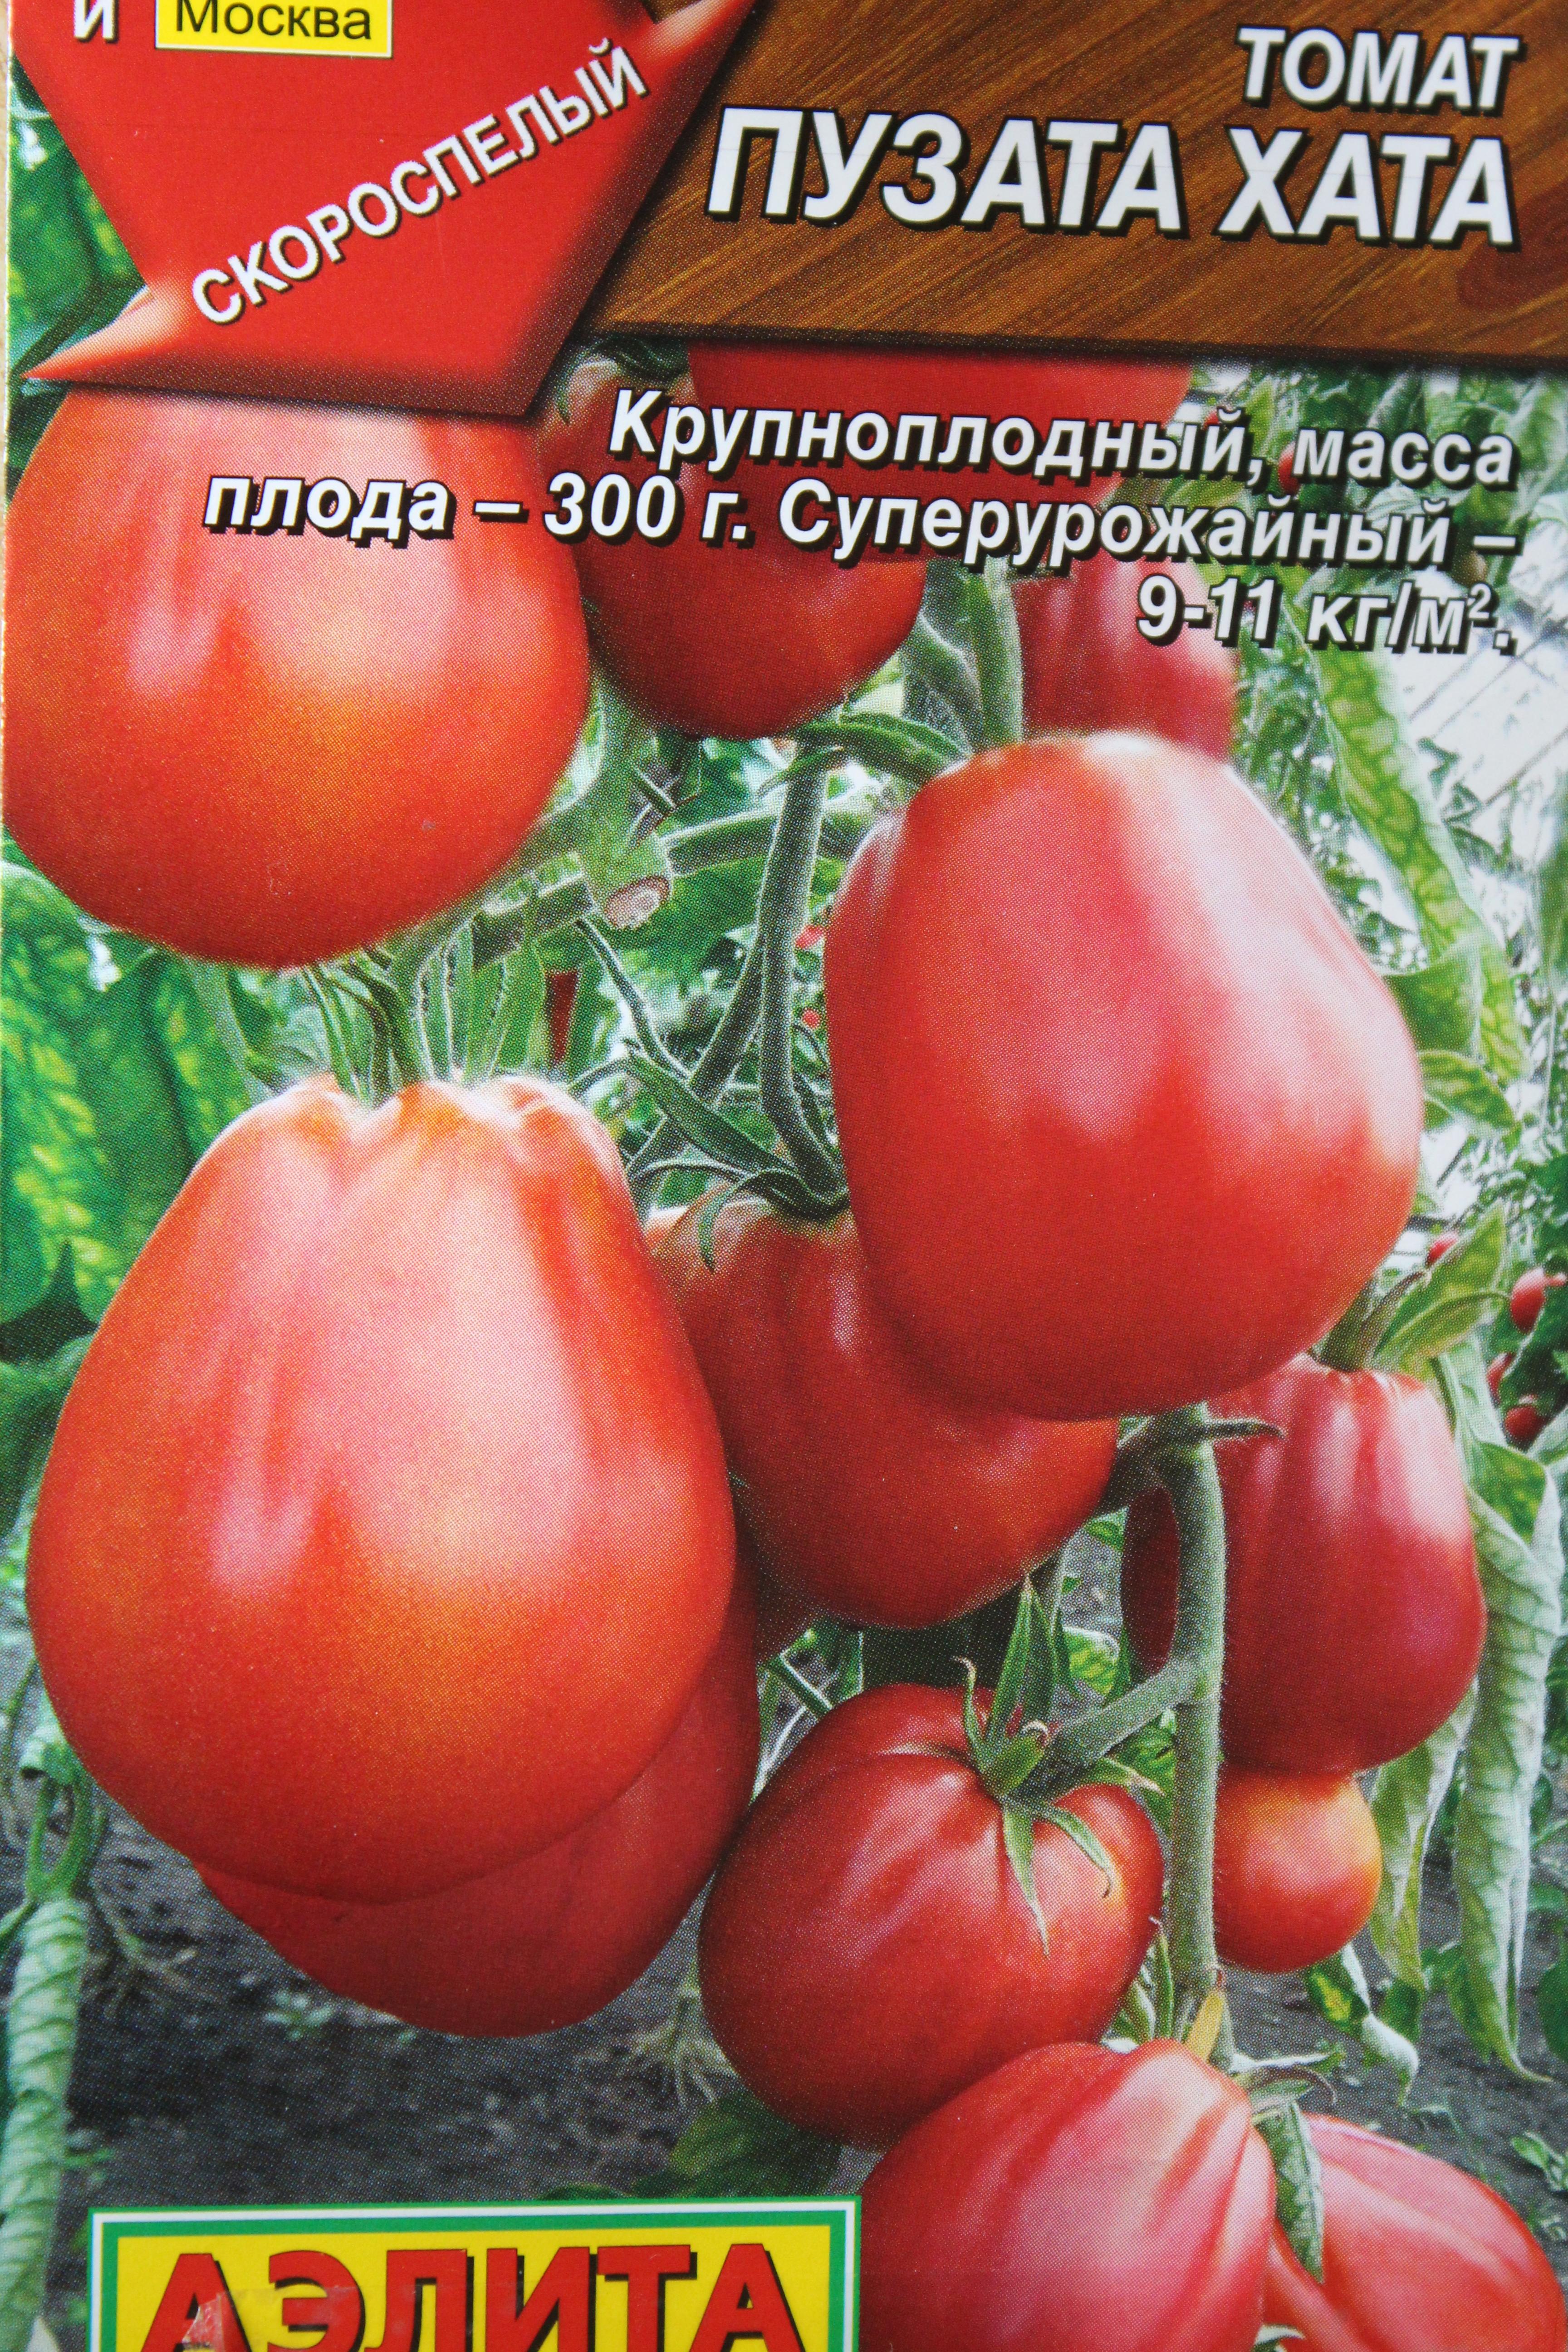 Томат Богата хата характеристика и описание сорта урожайность с фото